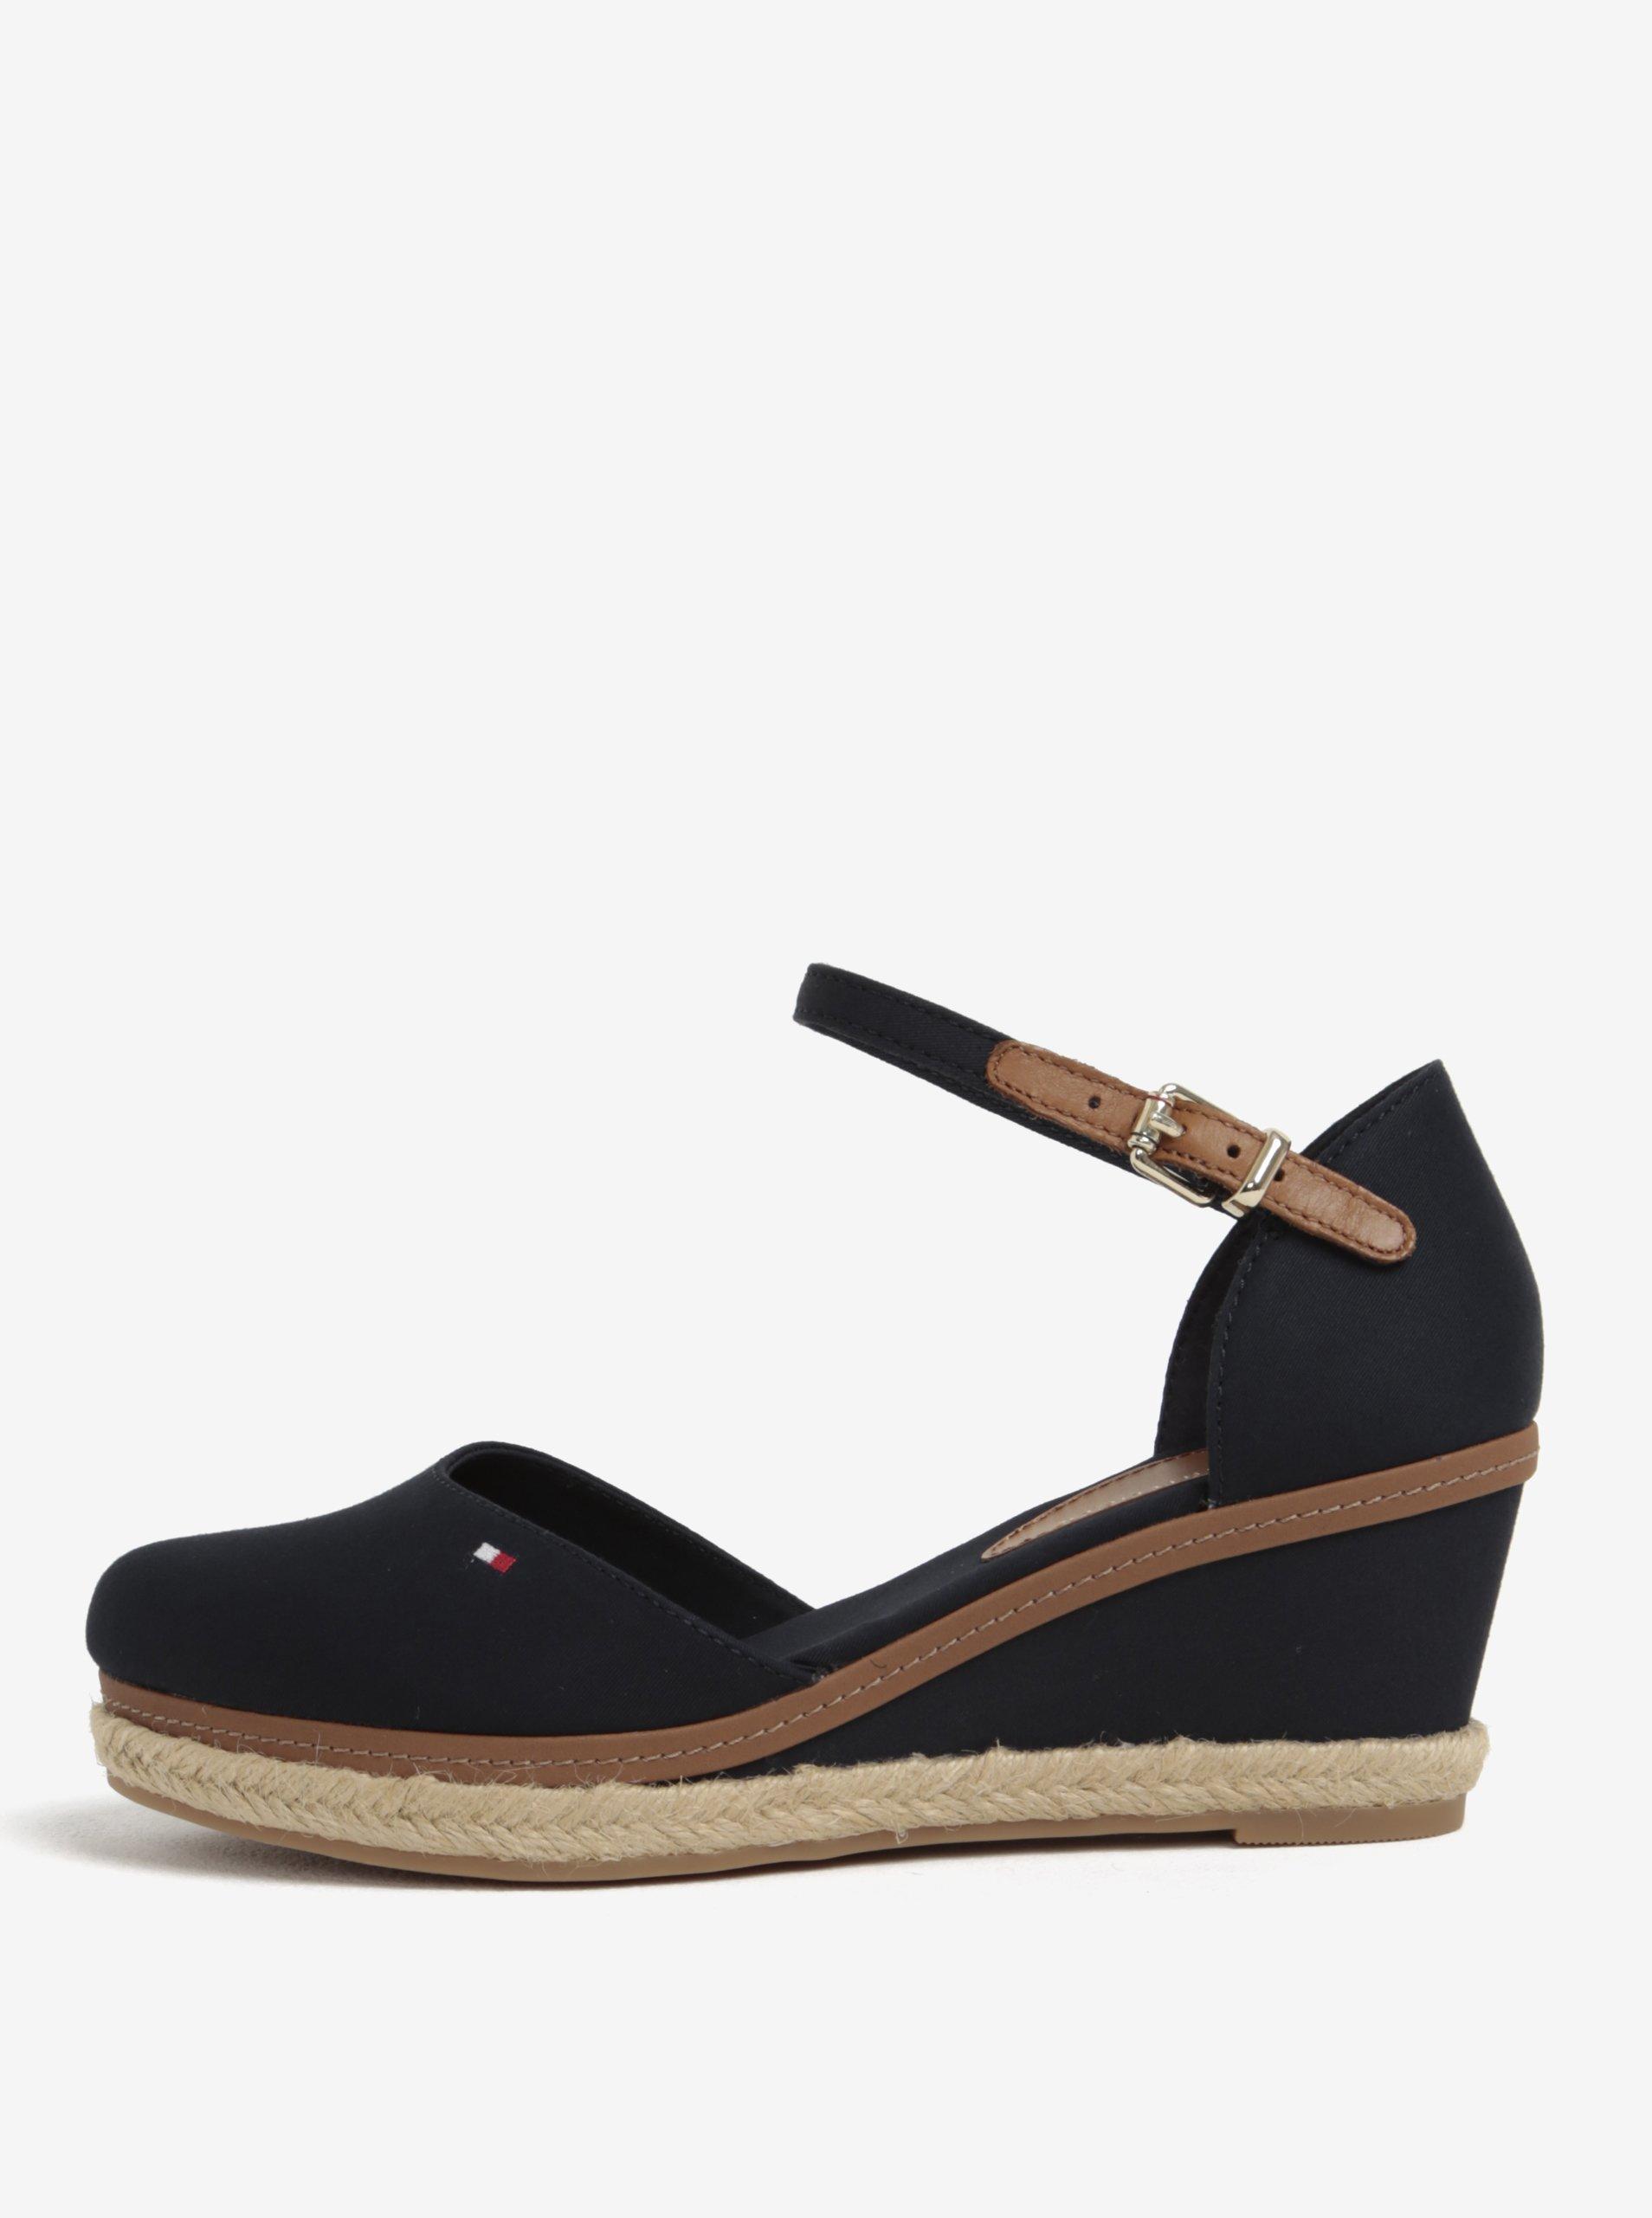 8a9ff6df5e3d Tmavomodré sandále na plnom podpätku Tommy Hilfiger